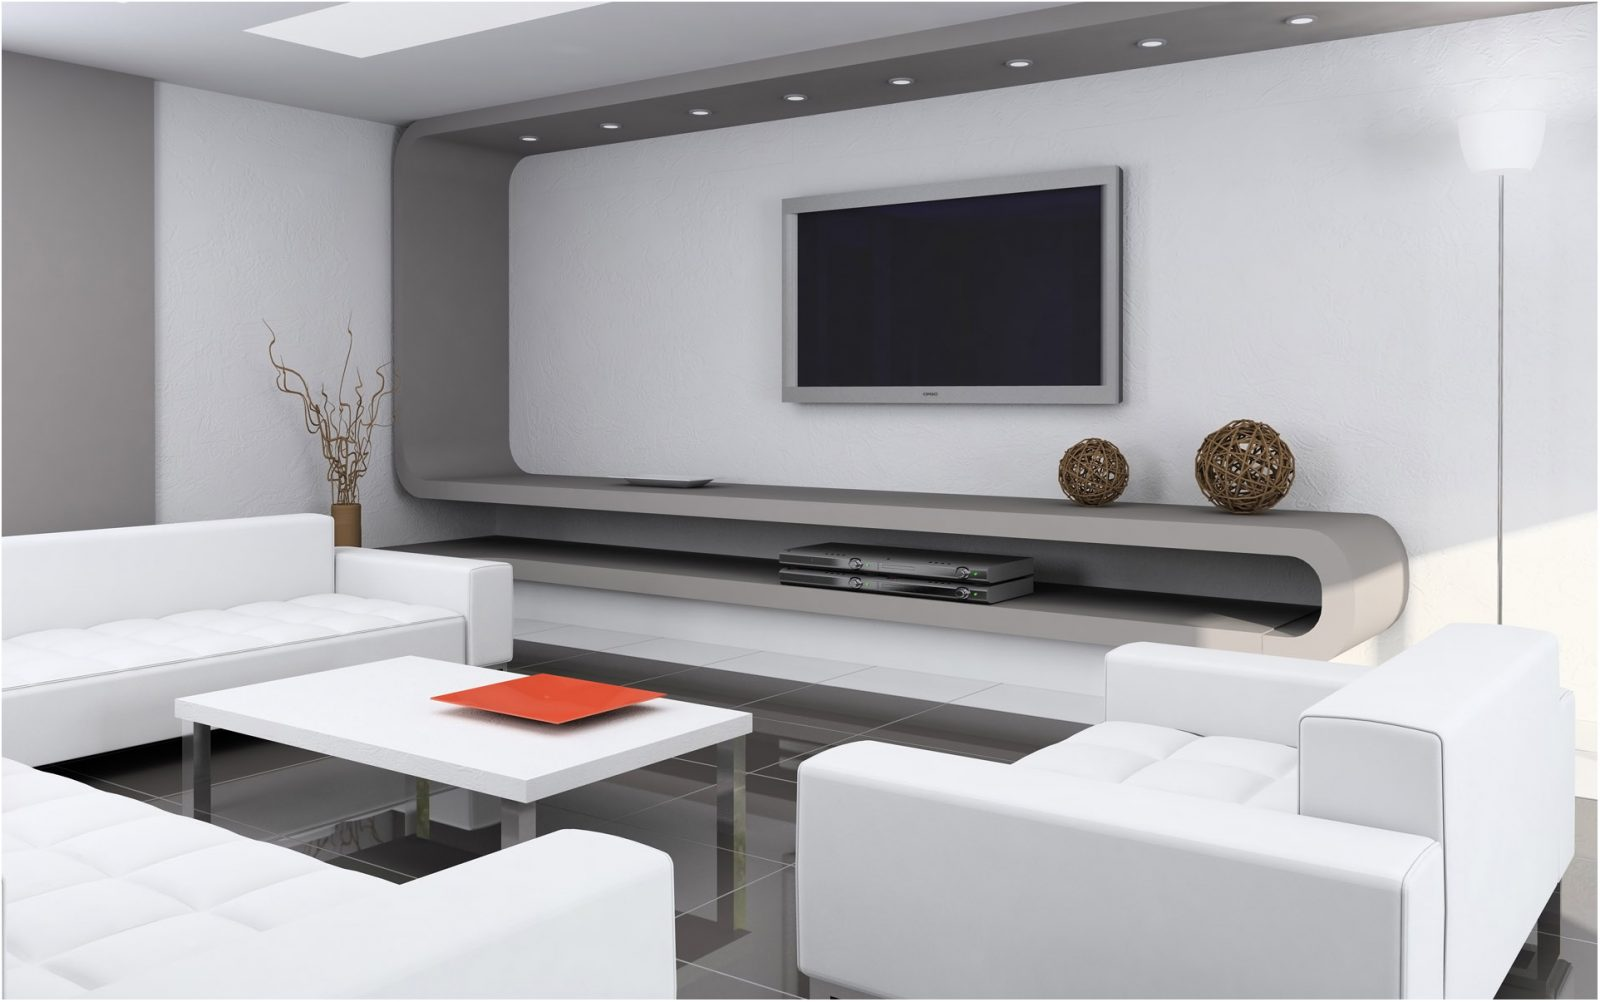 Salon Moderno De Tonos Blancos Imagenes Y Fotos - Salones-moderno